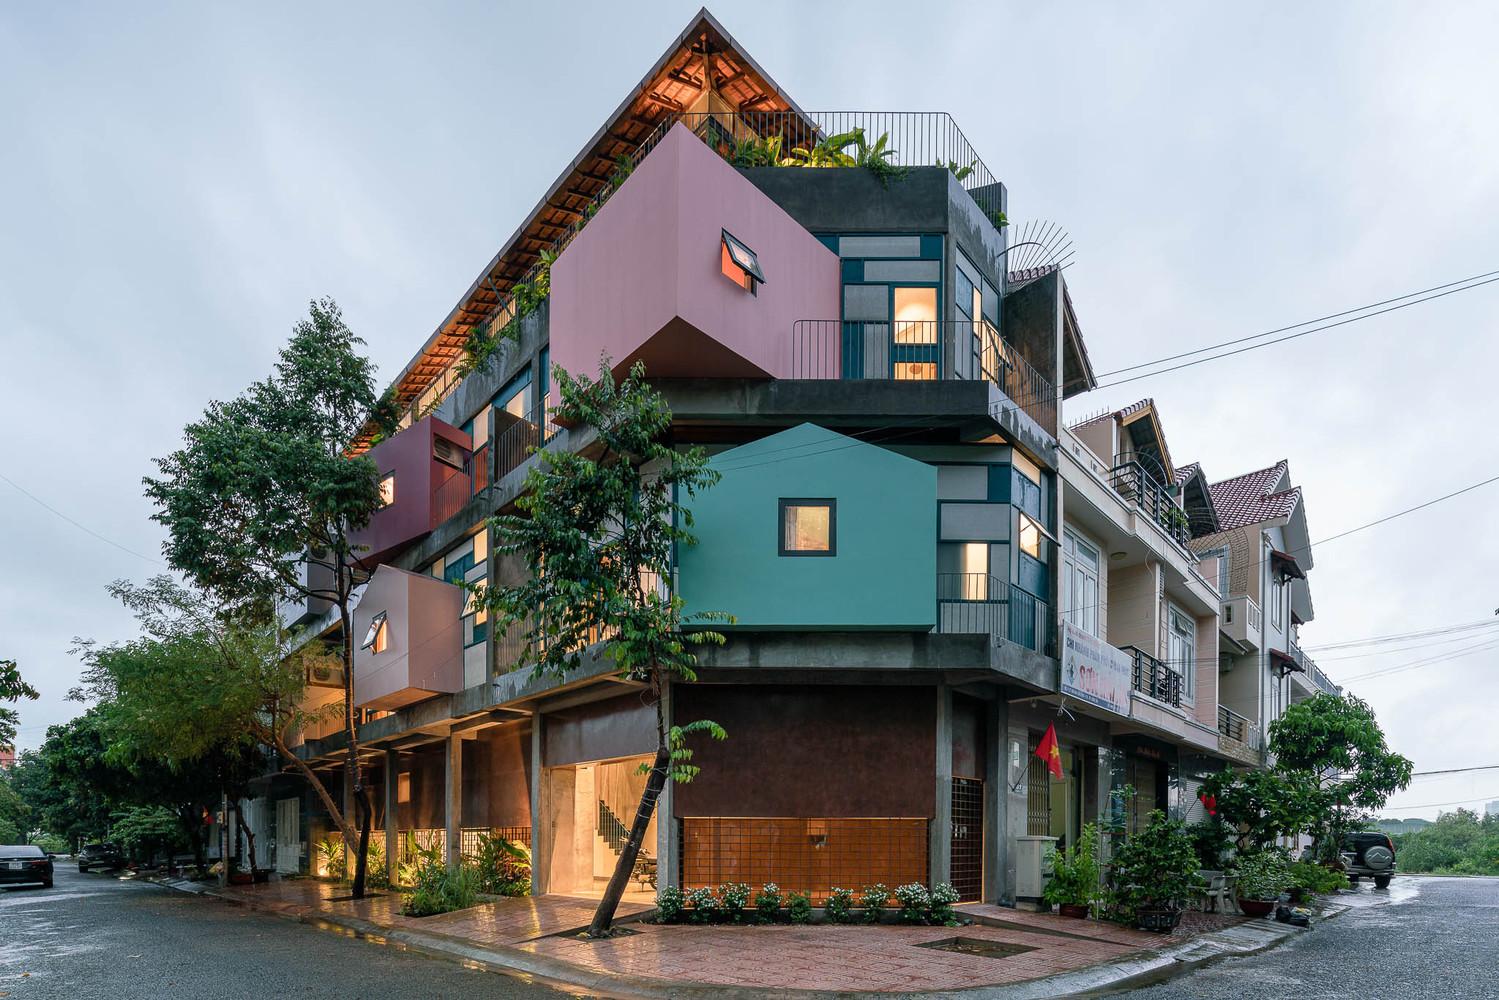 Căn hộ cho thuê ở Vũng Tàu hút mắt với kiến trúc lạ